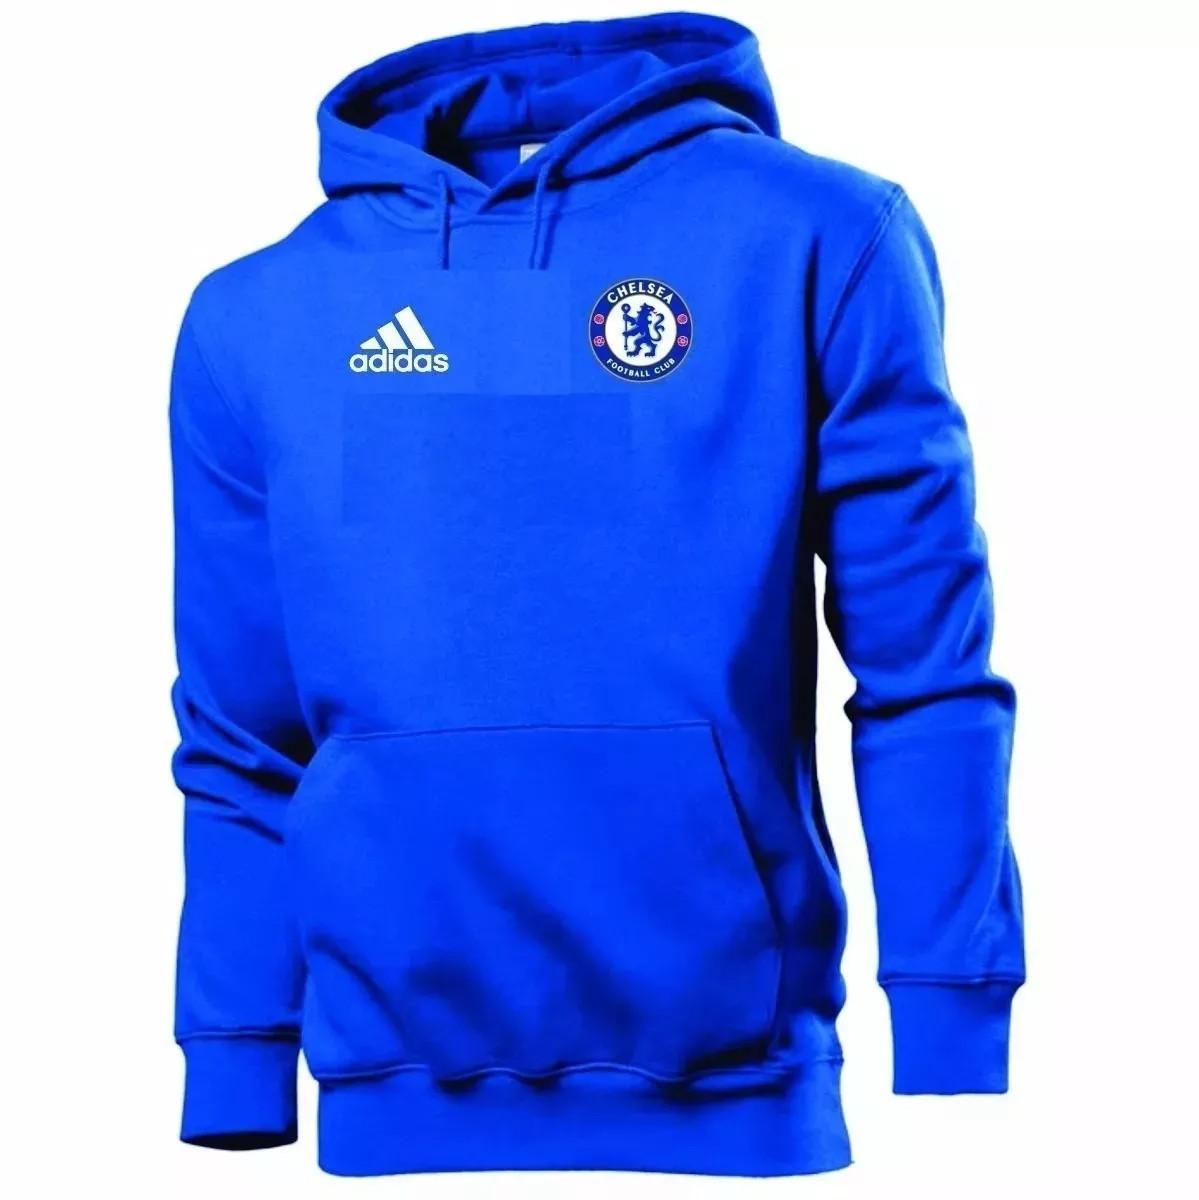 Blusa De Frio Moletom Chelsea - Promoção! no Elo7  48078bfe1db4e